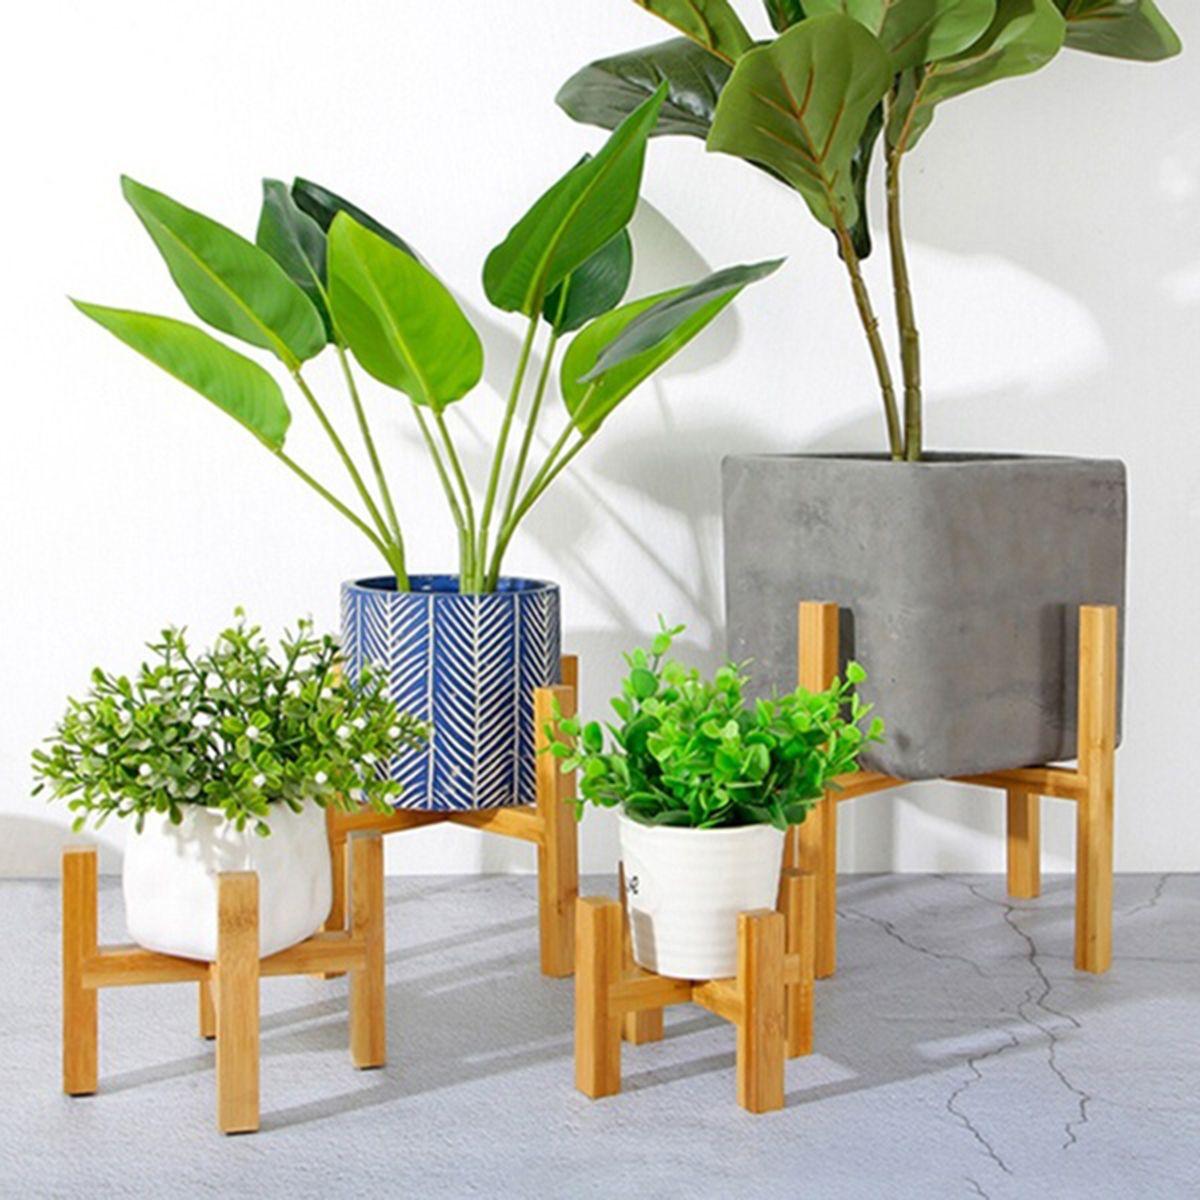 Pianta in vaso Stand Mid Se secolo Distributore di piante regolabile moderno per flower pot succulente fiori o candele spedizione gratuita